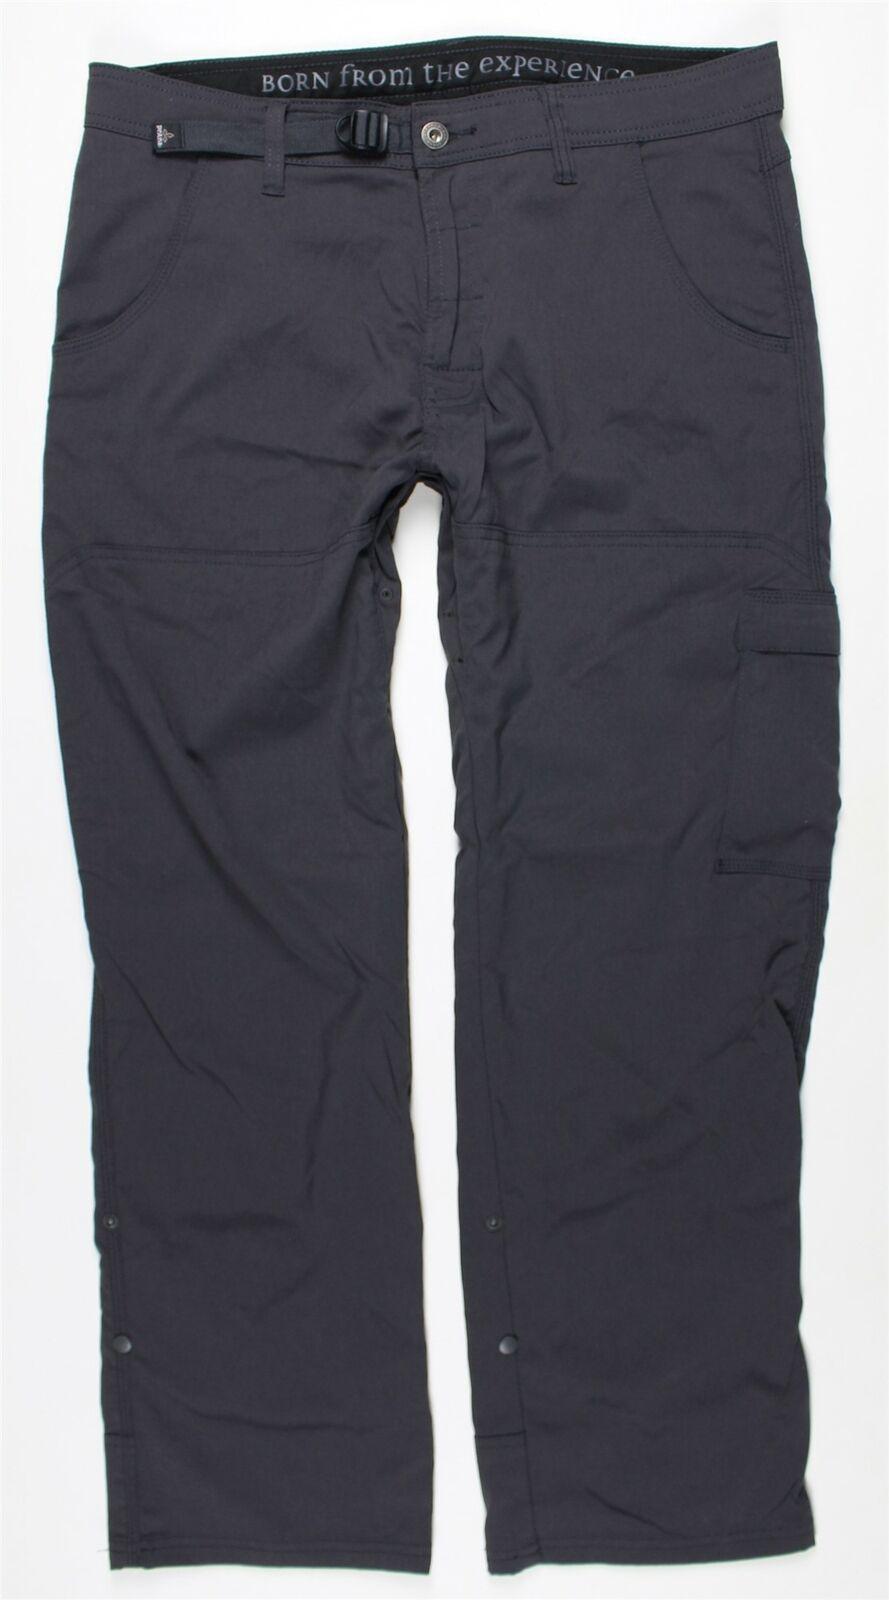 Men's Prana 'Zion' Stretch Hiking Pants, Size 34 x 30 - Grey